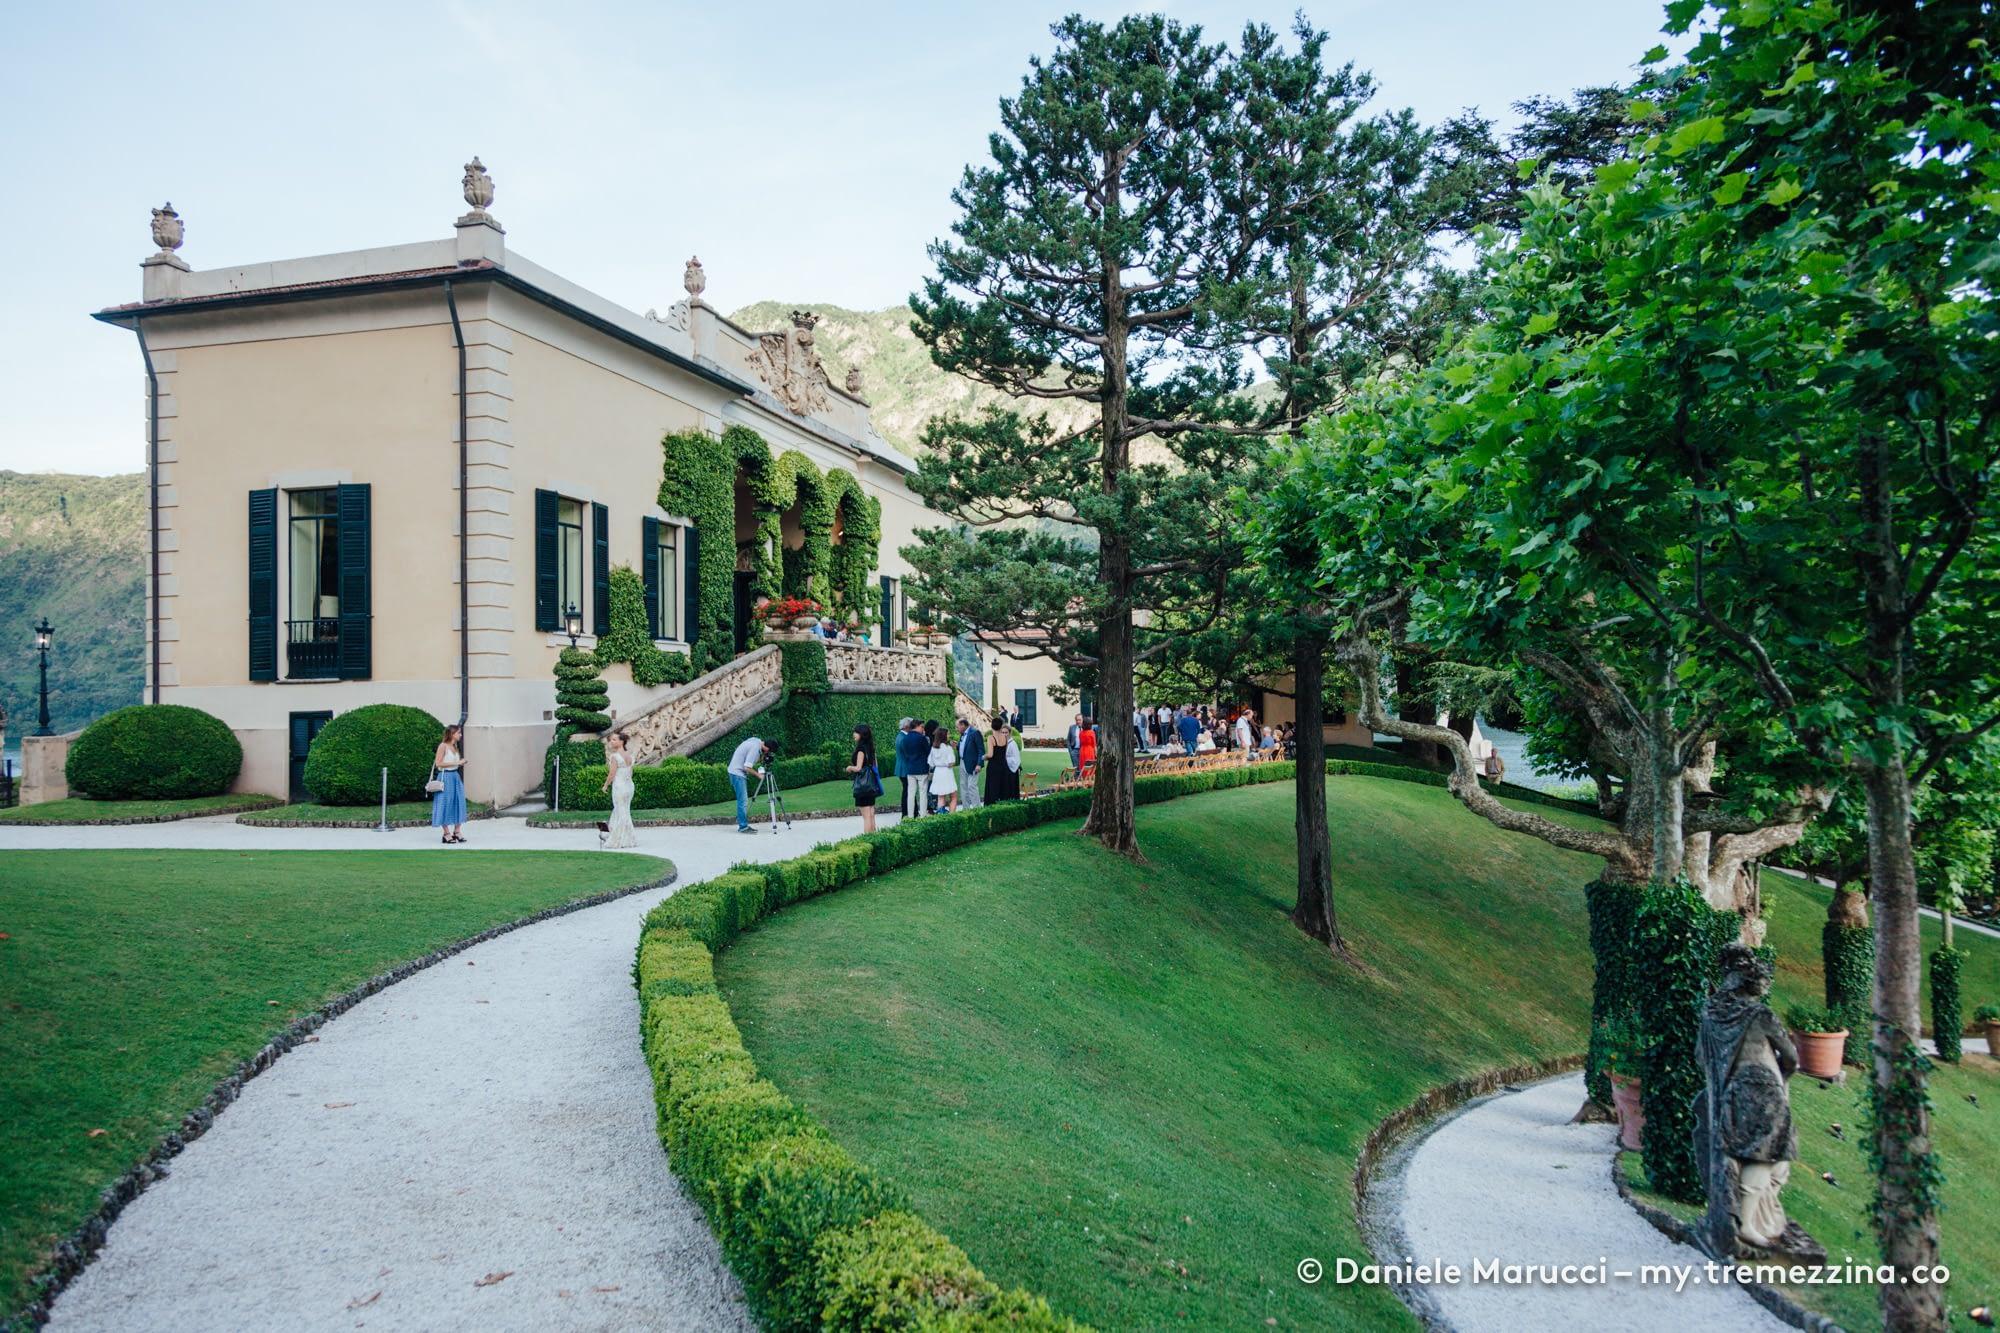 Villa del Balbianello - Tremezzina